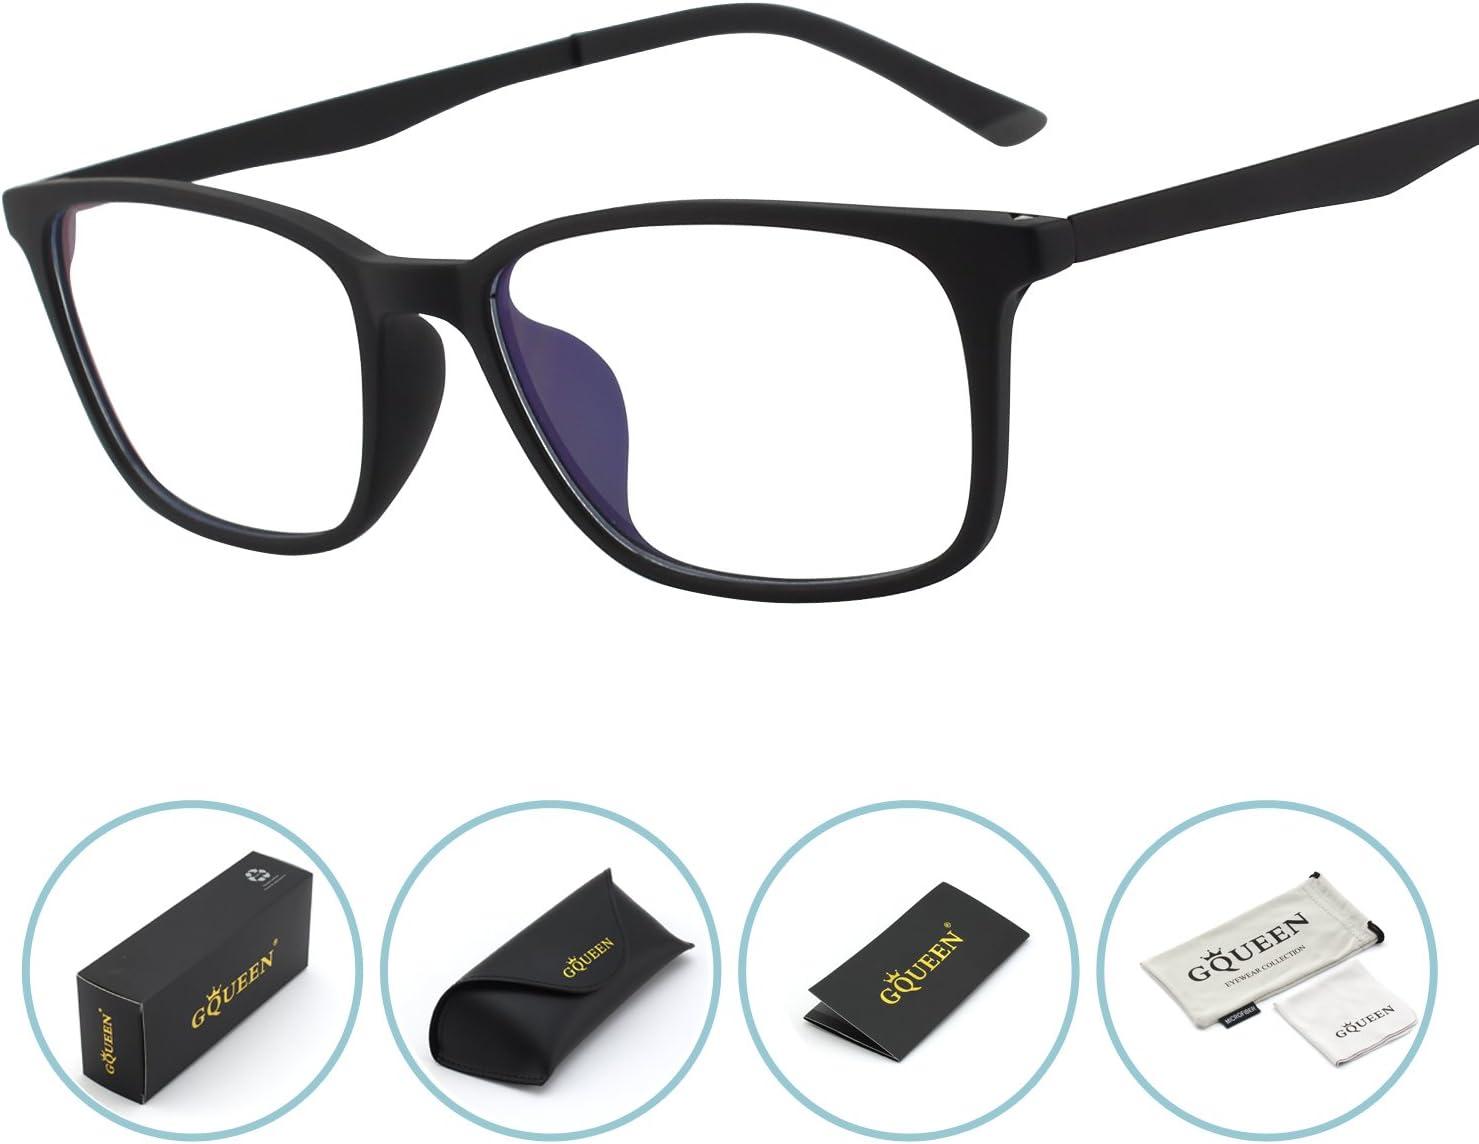 GQUEEN Gafas Protectoras con Bloqueo de luz Azul, Fatiga Ocular antideslumbrante con Lente Transparente con Marco Mate TR90, GQ61